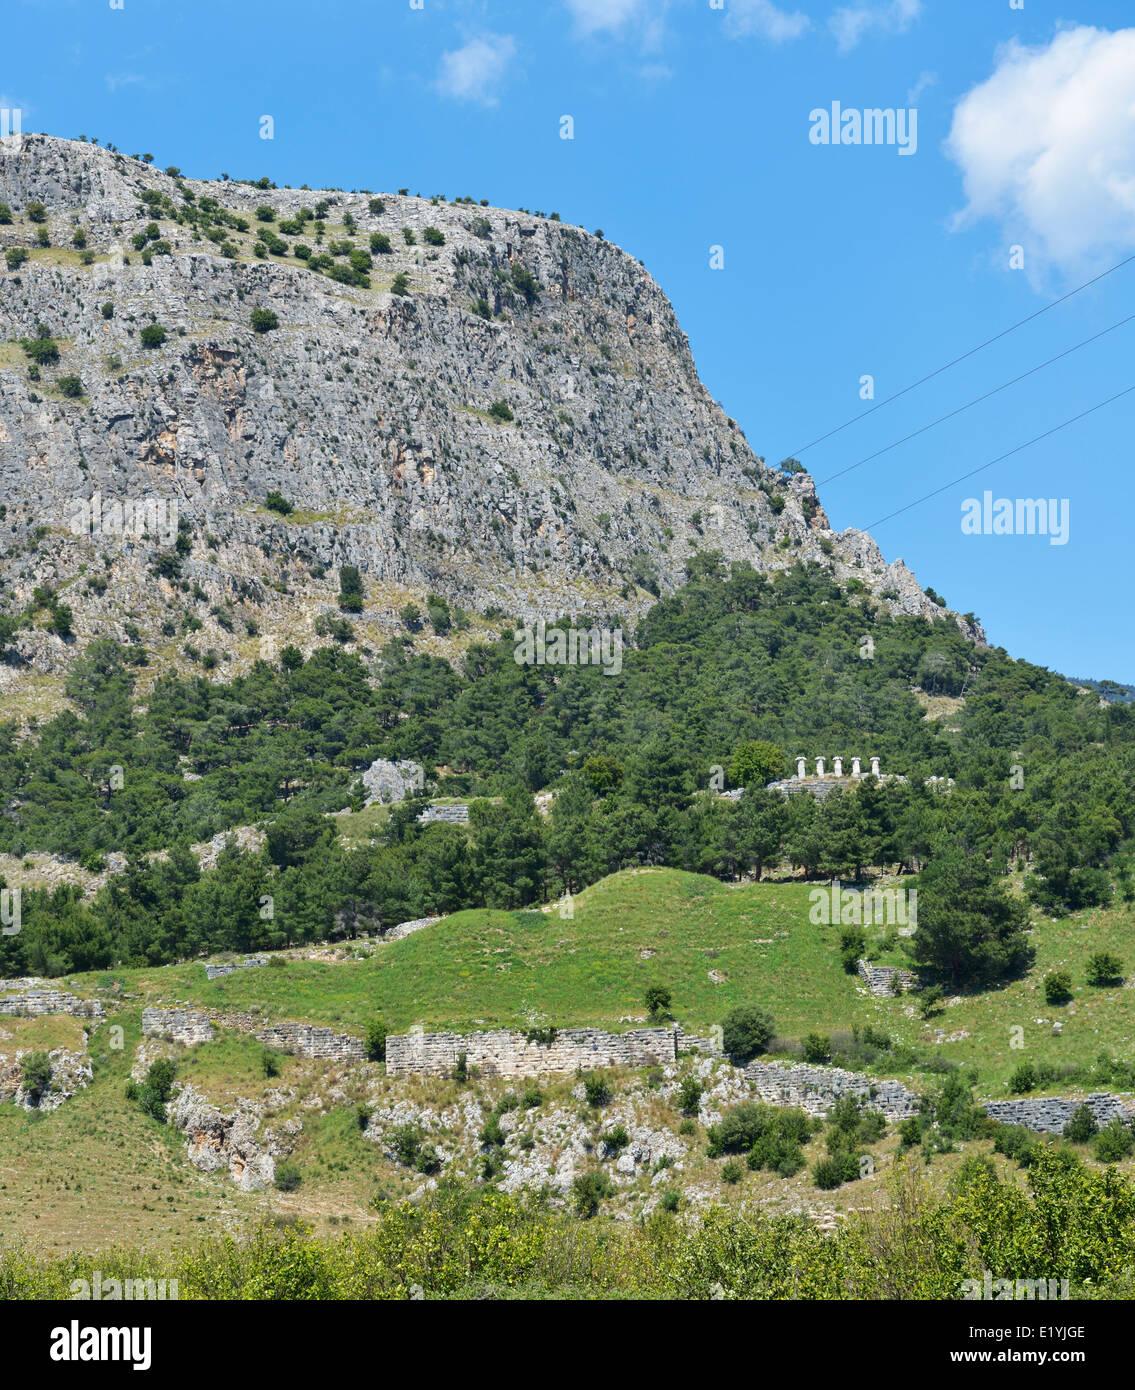 Priene,Turkey 140415_60716 - Stock Image